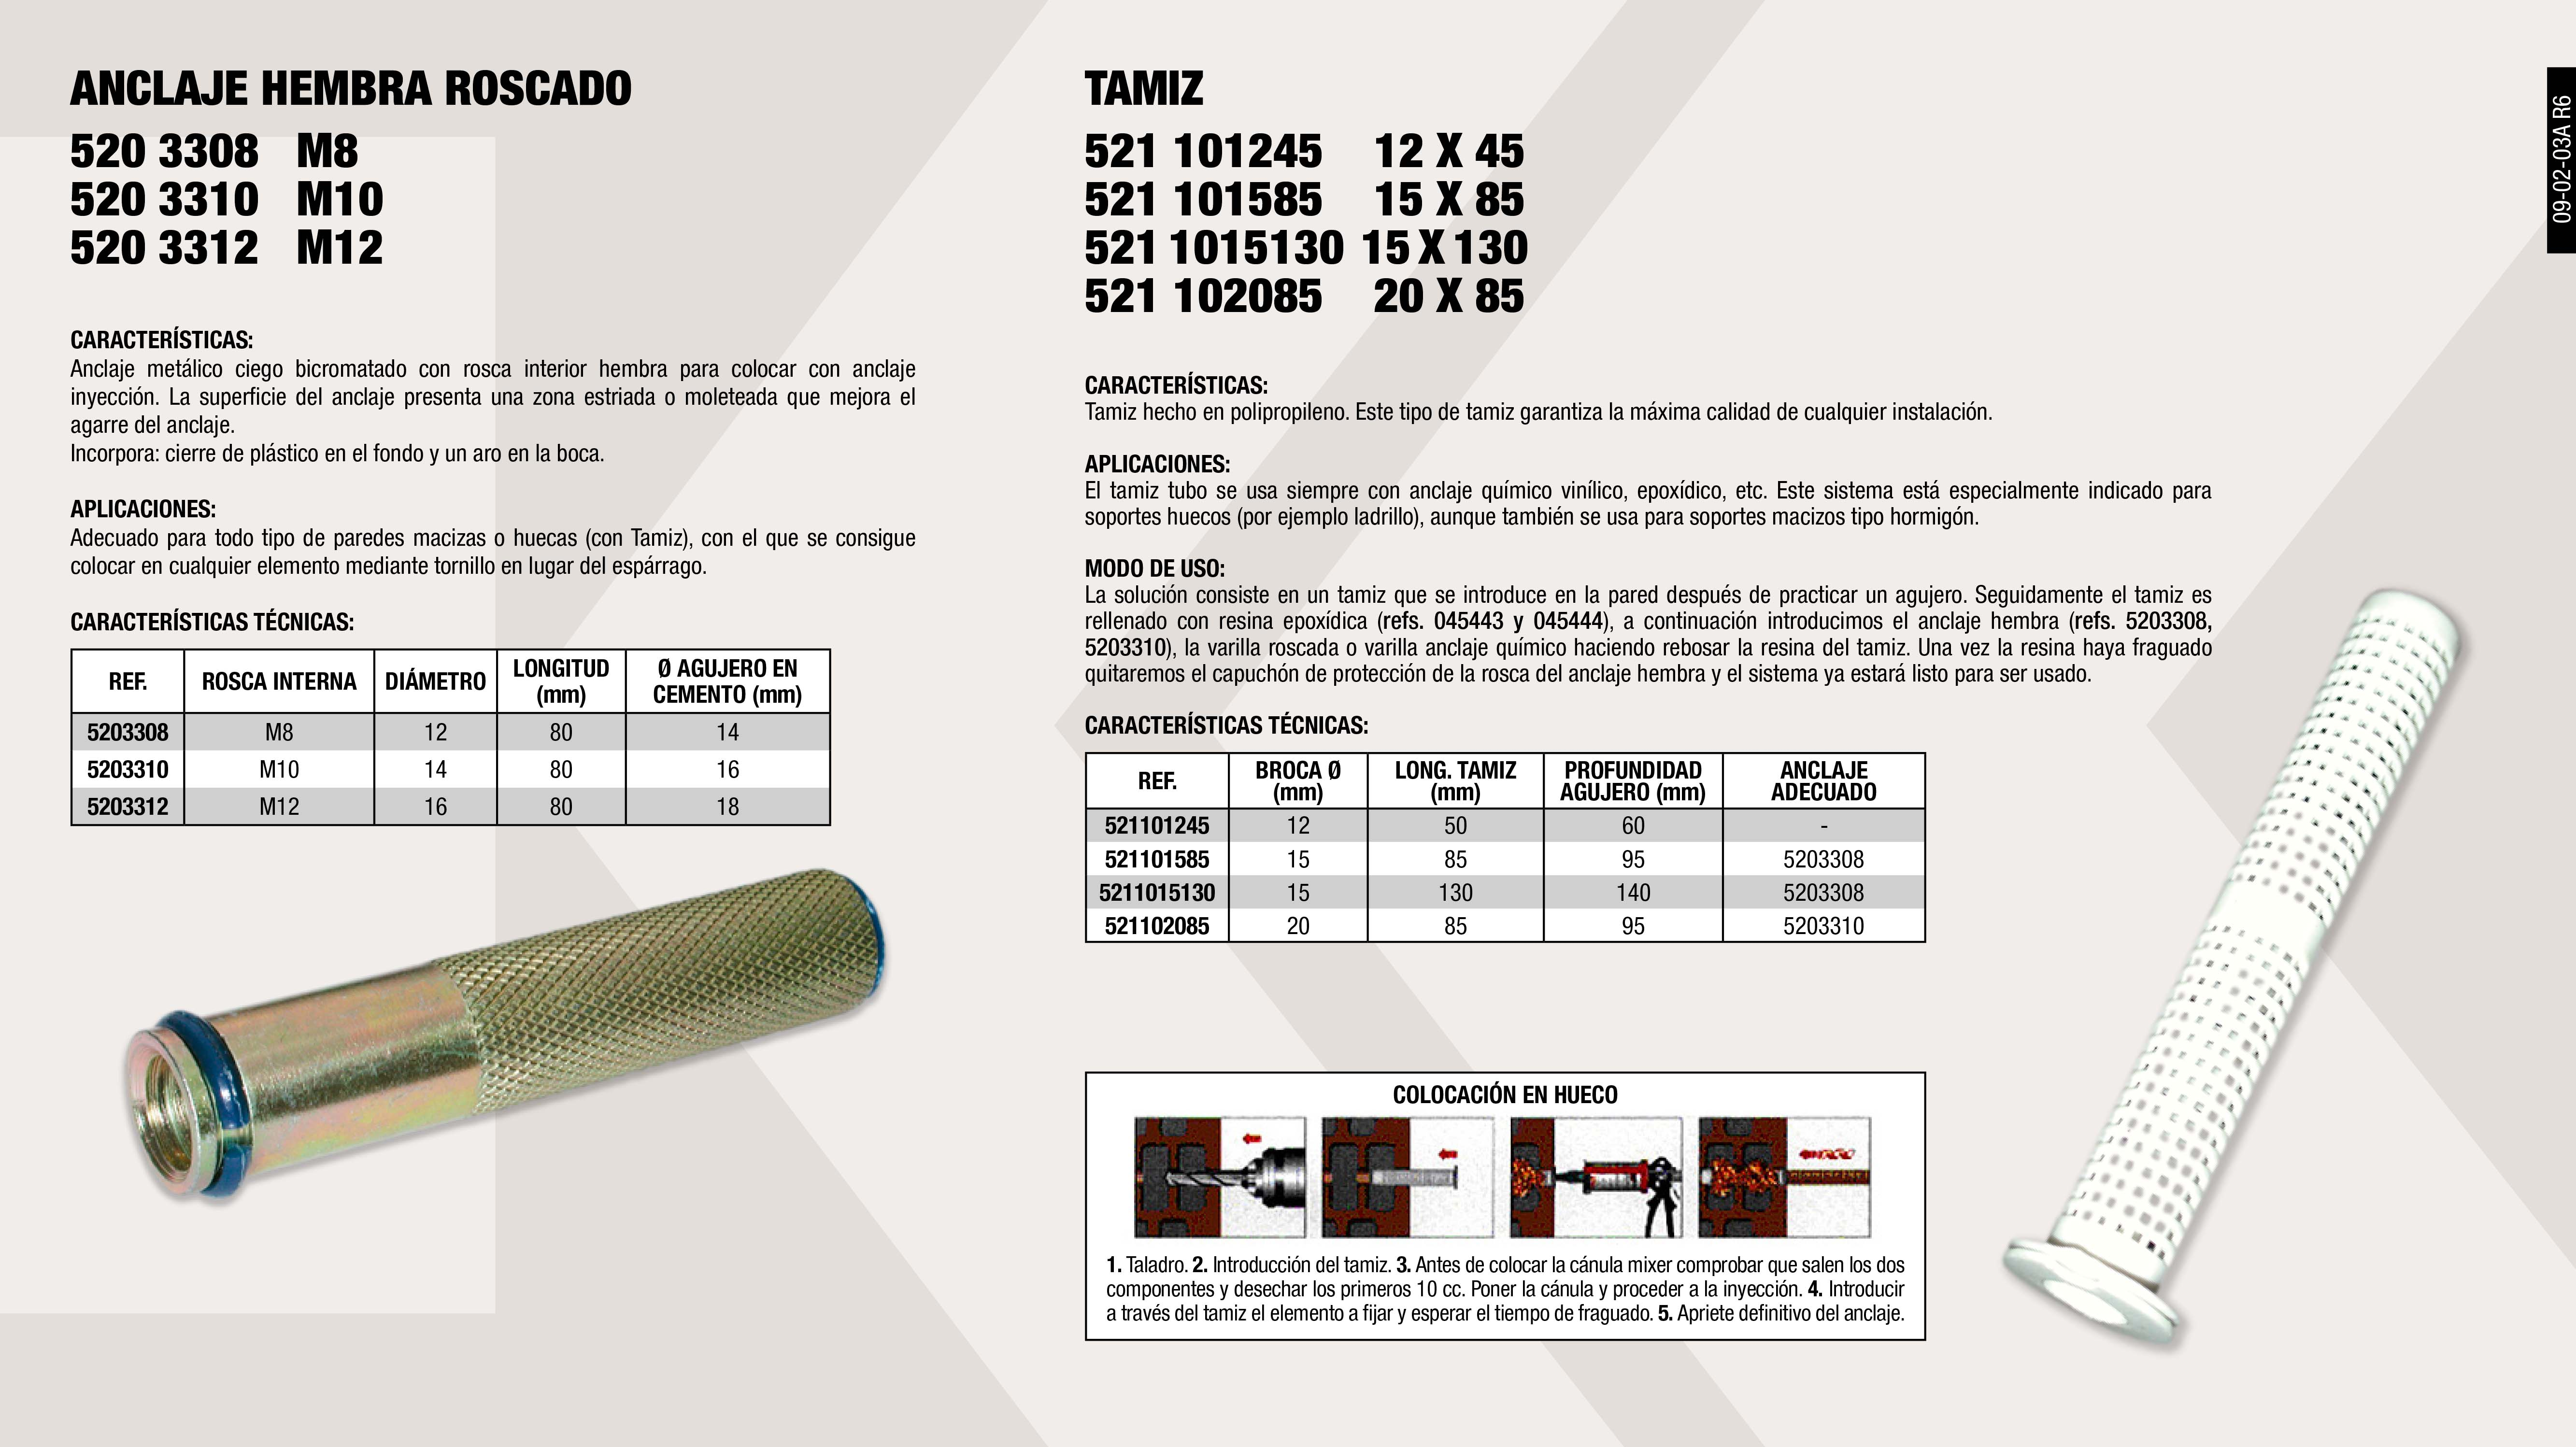 TAMIZ 20X85                                                 ,  ANCLAJE METALICO ROSCADO M12                                ,  ANCLAJE METALICO ROSCADO M10                                ,  TAMIZ 15X85                                                 ,  TAMIZ 12X80                                                 ,  ANCLAJE METALICO ROSCADO M8                                 ,  TAMIZ 12X45                                                 ,